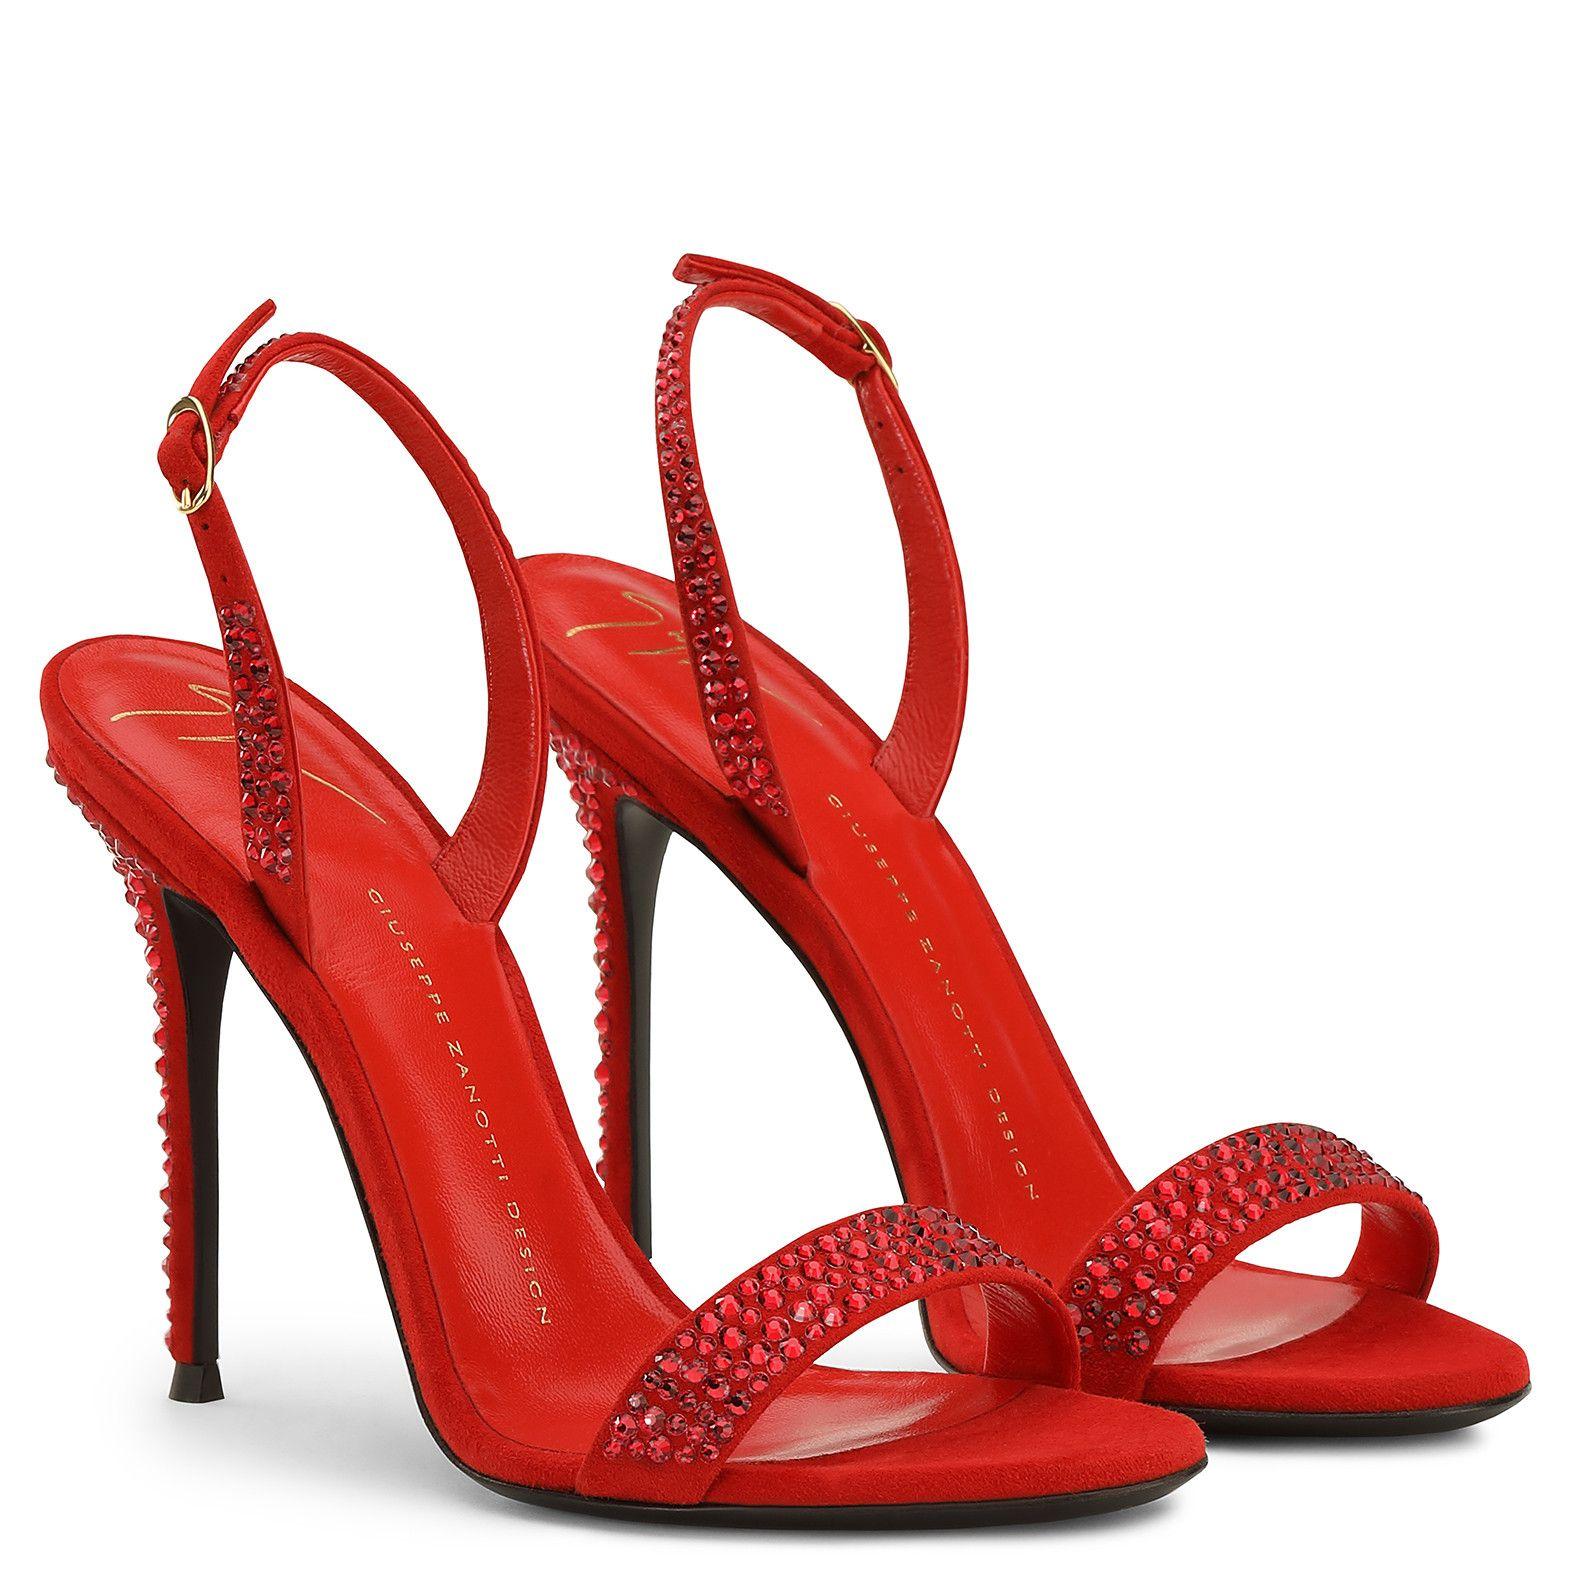 Adalie - Sandals - Red | Giuseppe